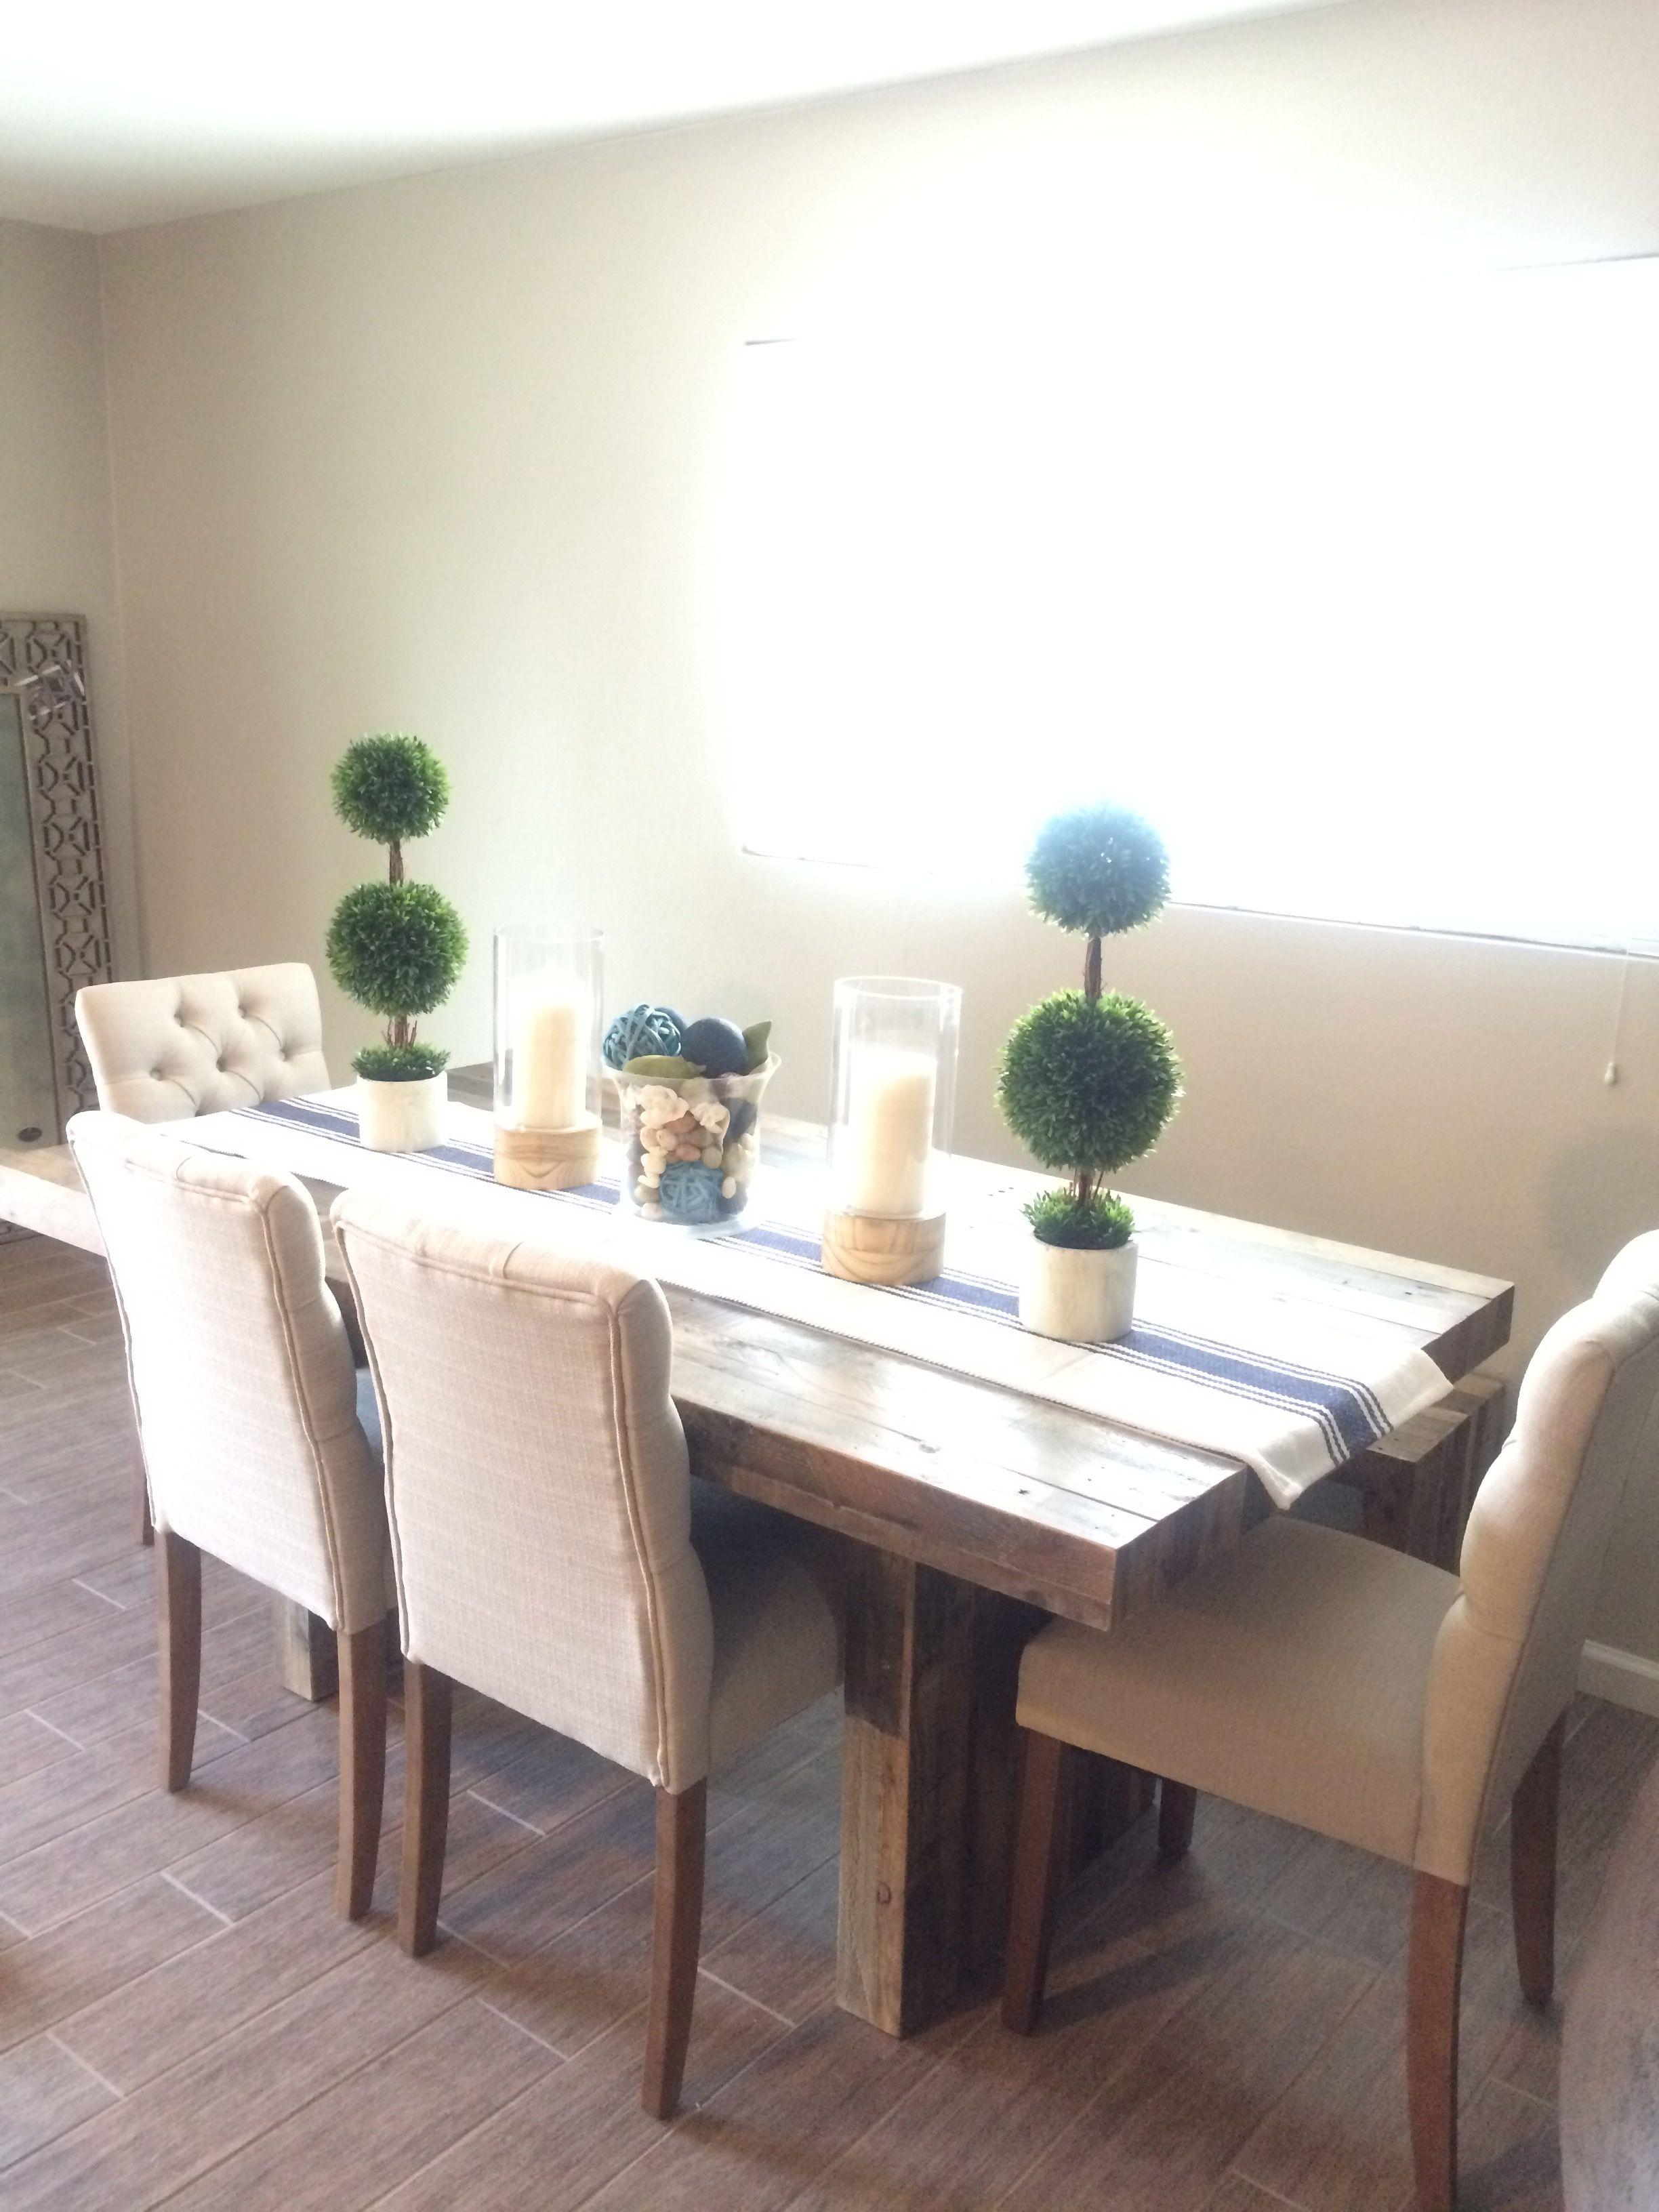 West Elm Emmerson Table Homegoods Decor Dining Room Furniture